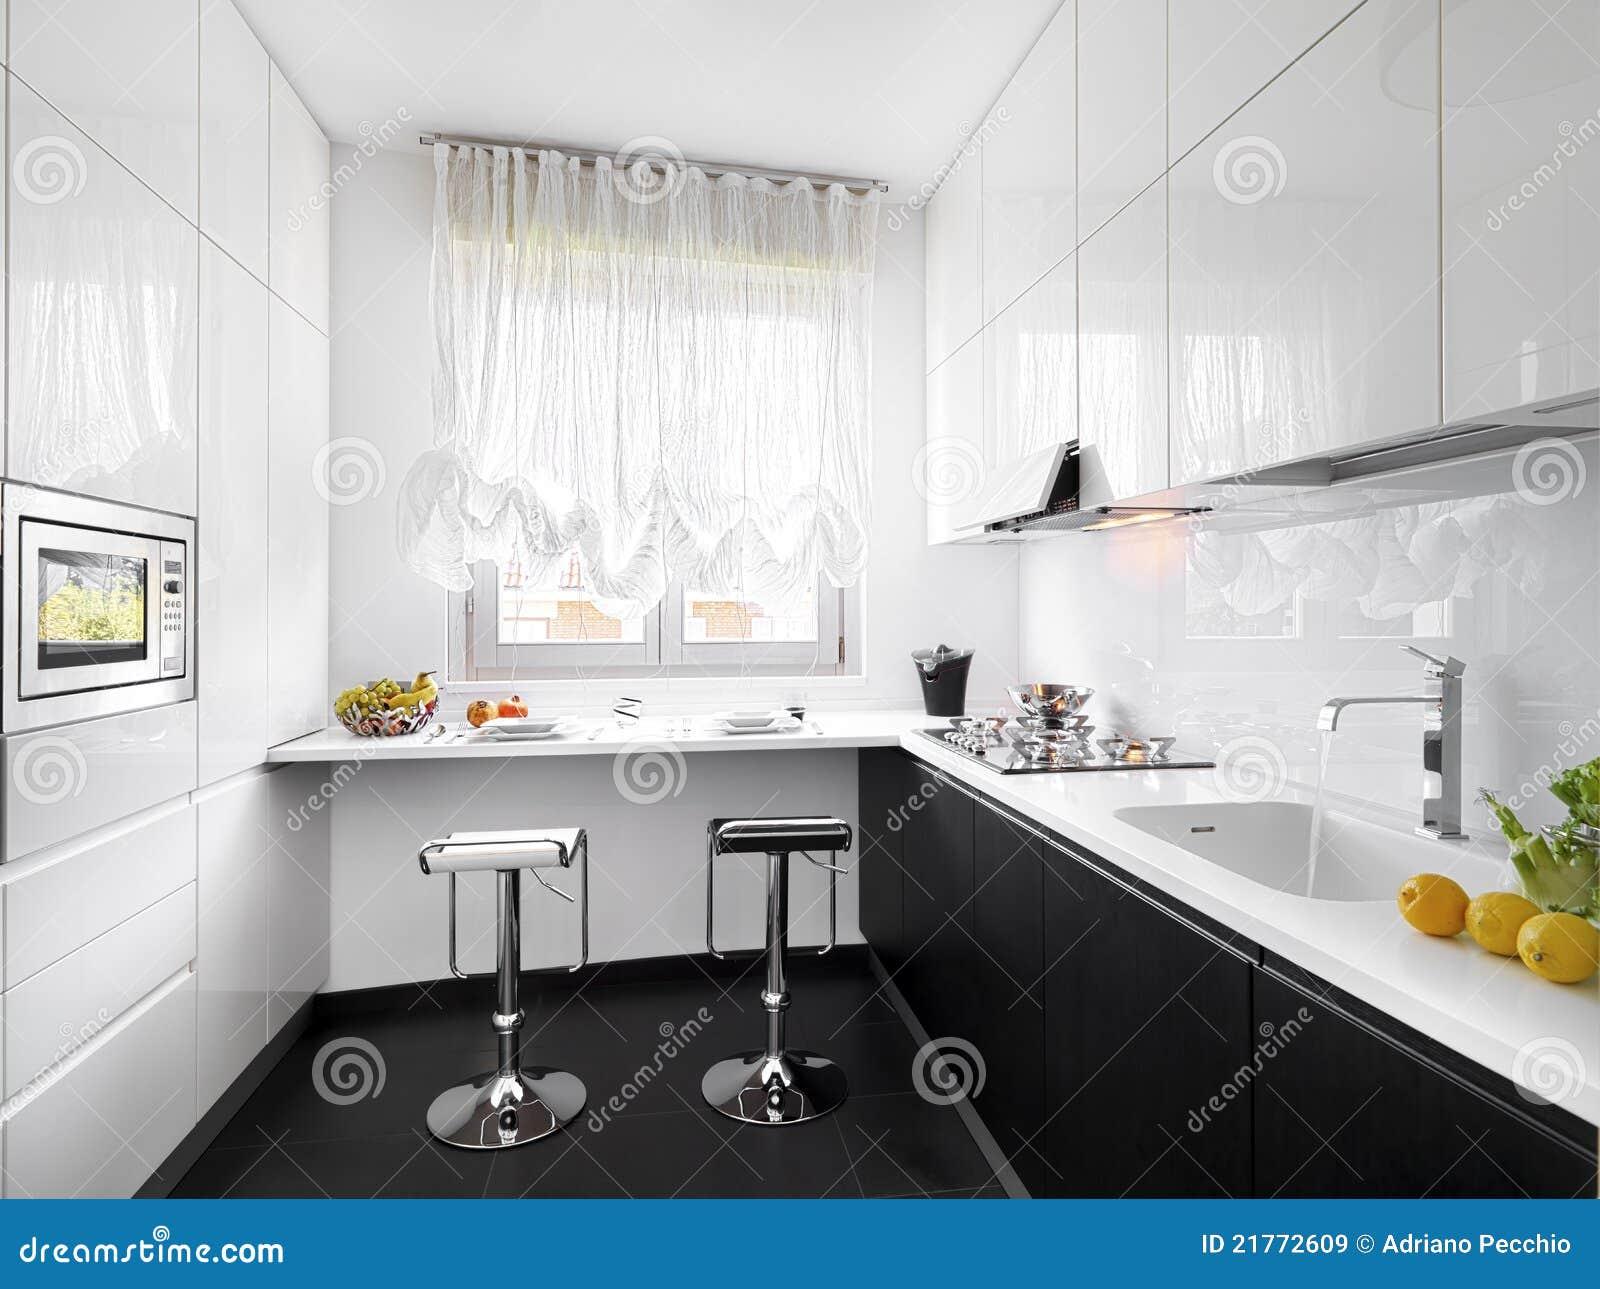 Cocina blanca moderna im genes de archivo libres de for Cocinas modernas blancas precios